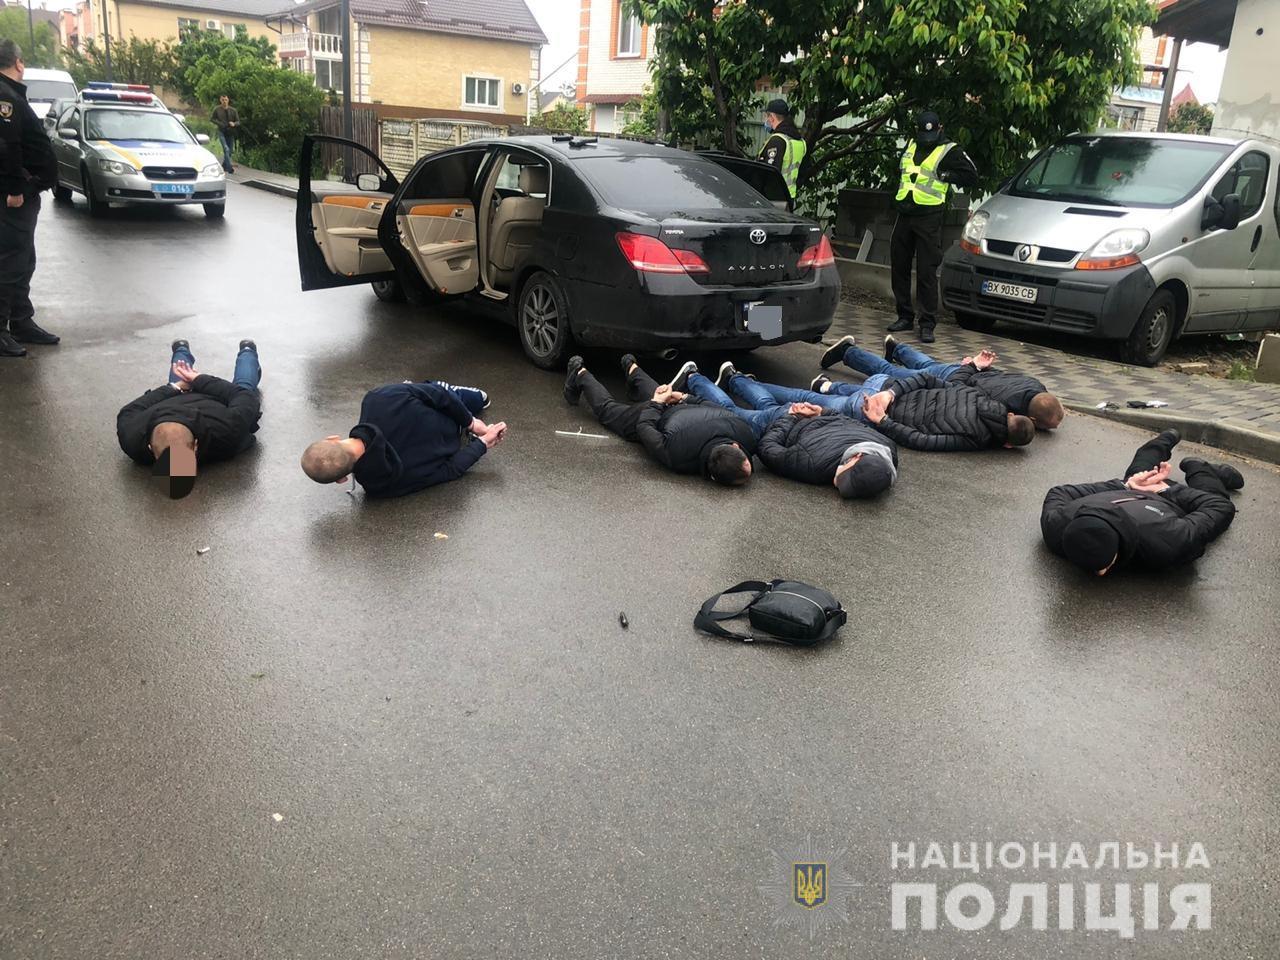 Под Киевом предприниматели-автоперевозчики решали конфликт стрельбой (фото)